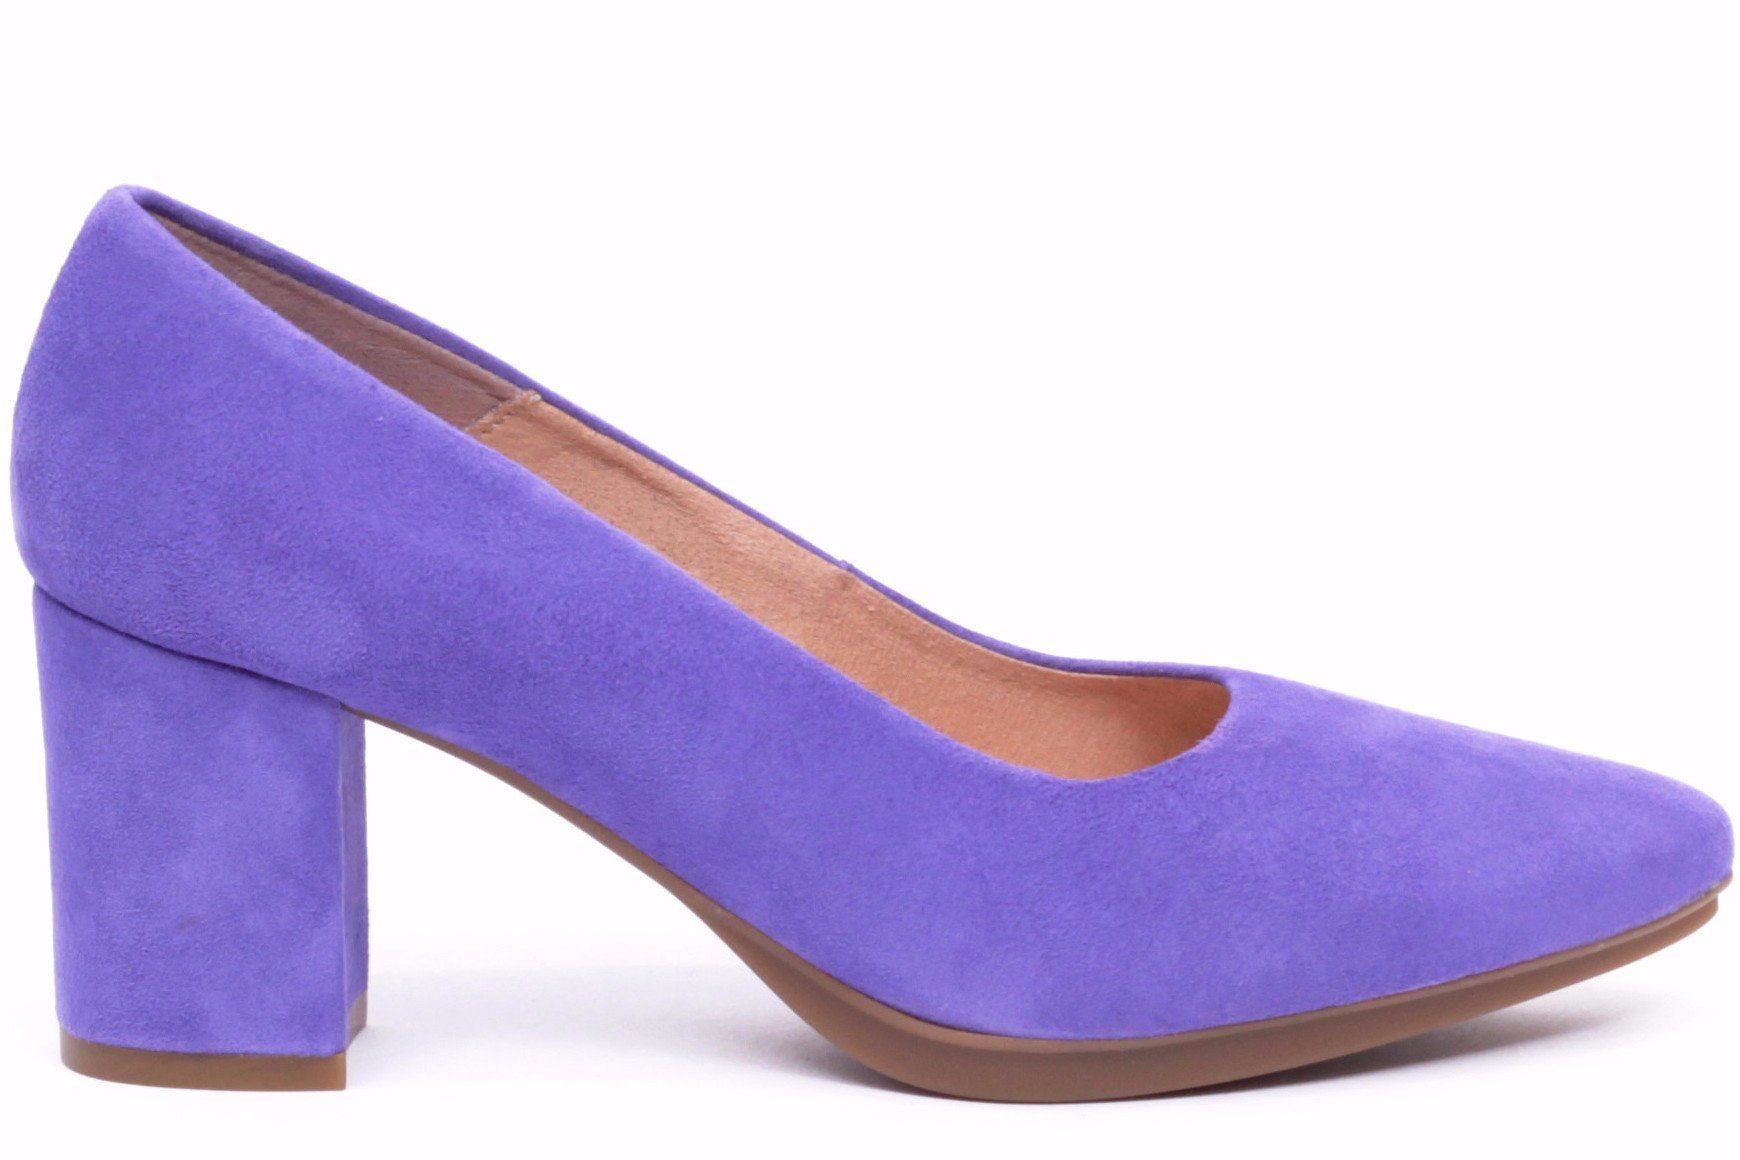 2f99c48a4 miMaO Urban S Amatista - Zapato mujer de tacon salon vestir cómodo - women  high heels shoes blue comfort pumps